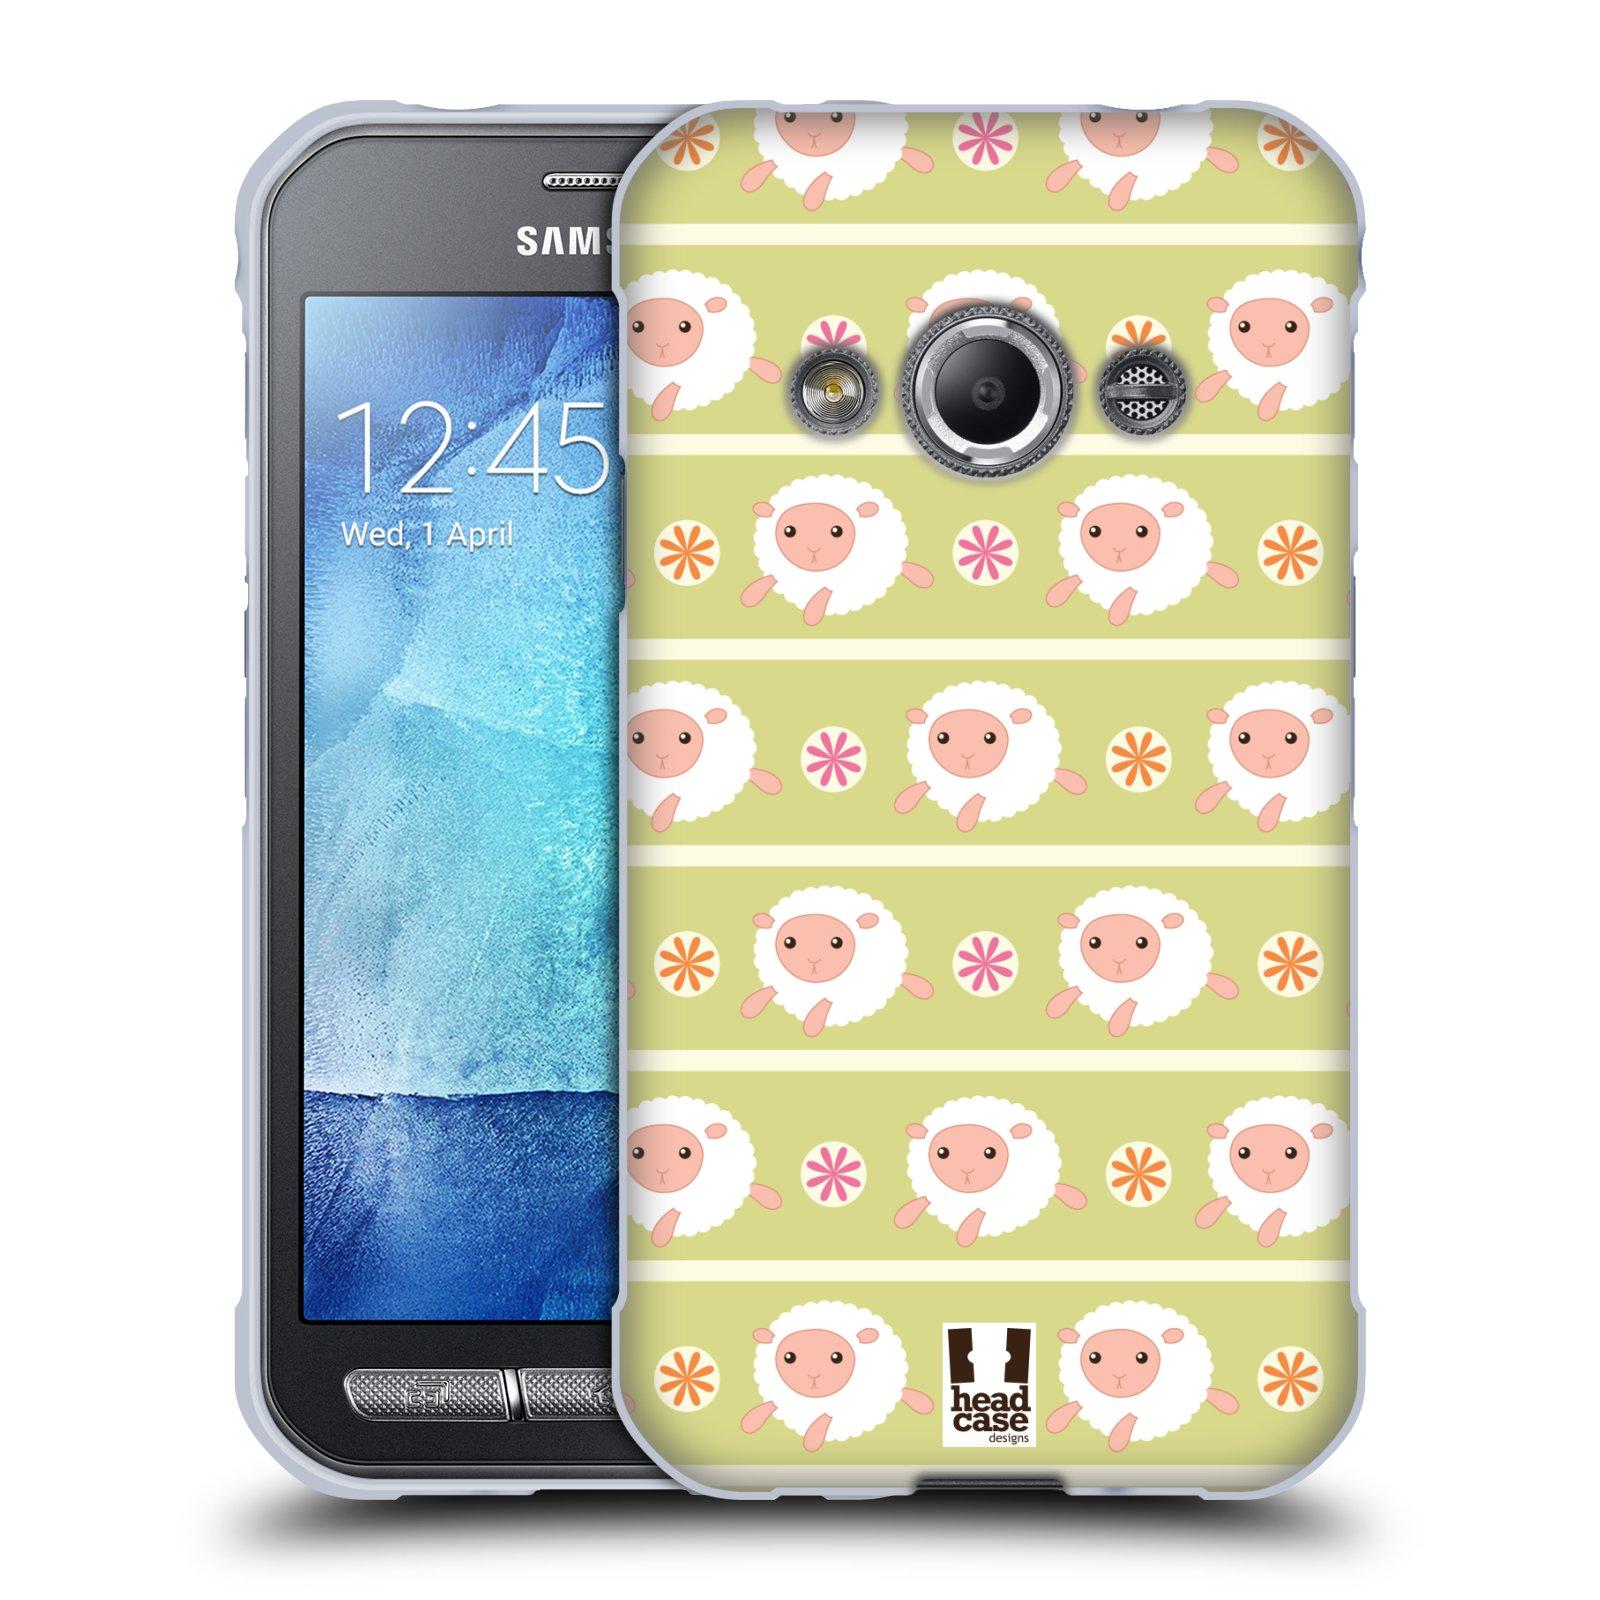 HEAD CASE silikonový obal na mobil Samsung Galaxy Xcover 3 vzor roztomilé zvířecí vzory ovečky